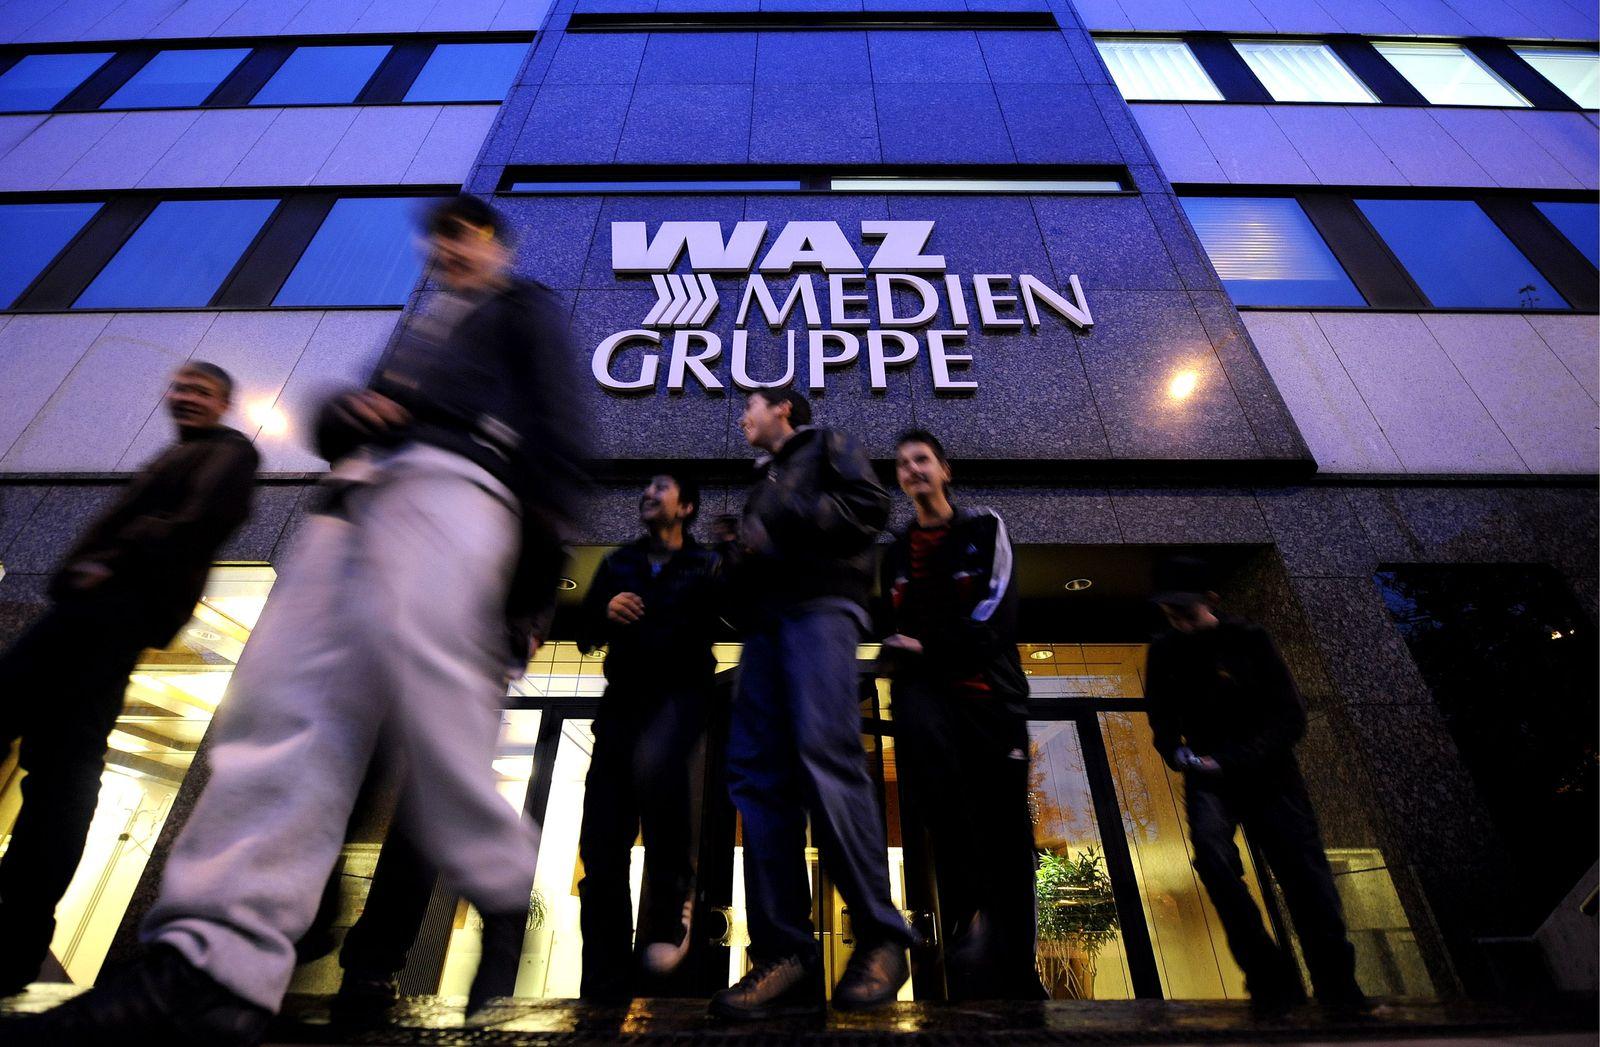 NICHT VERWENDEN NRW Zeitungen der WAZ Mediengruppe eroertern Sparmassnahmen